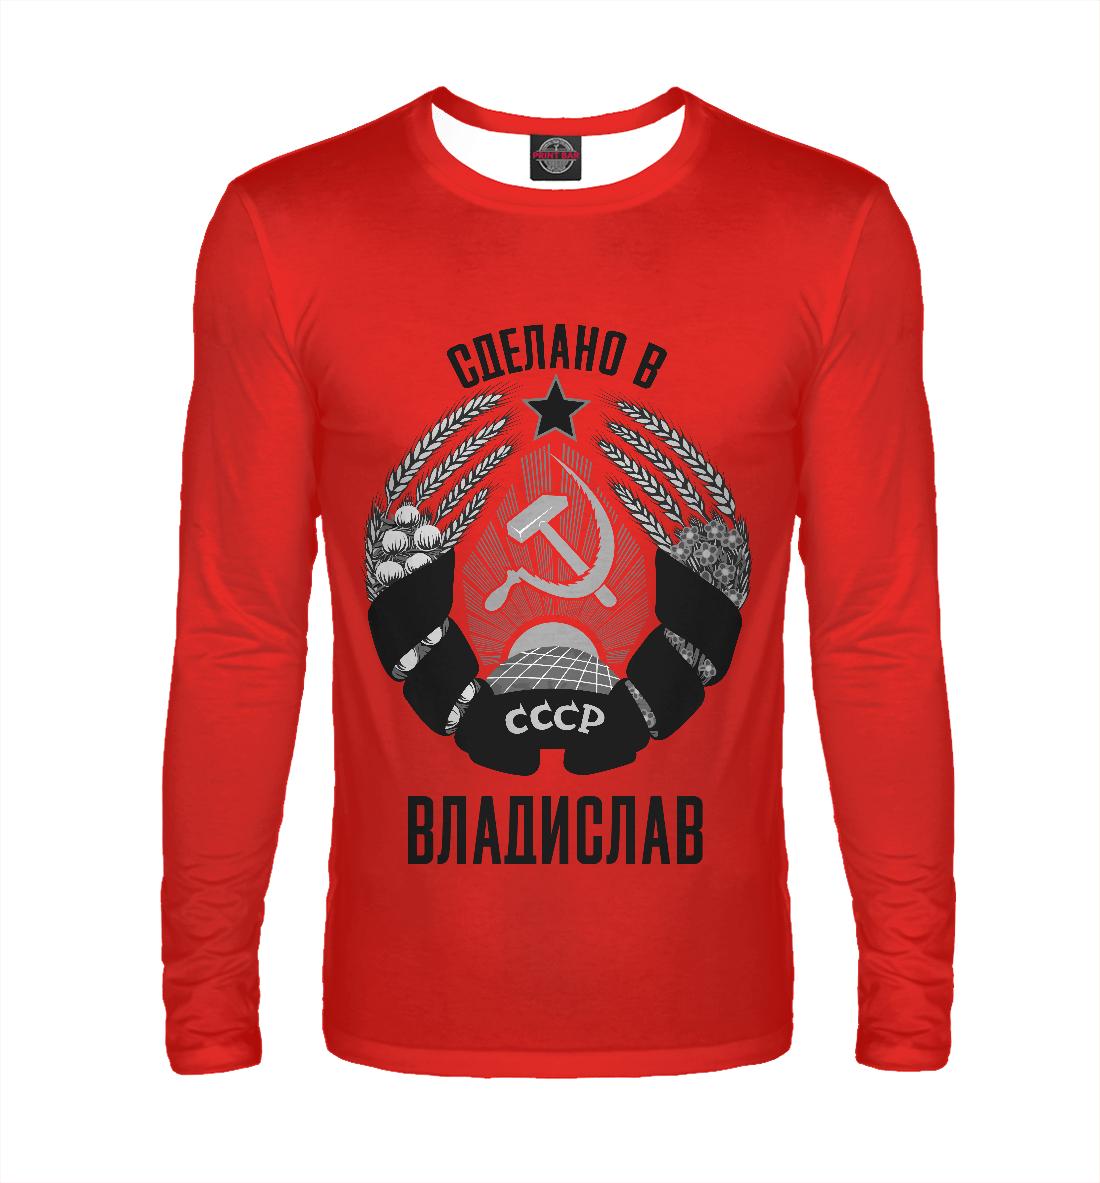 Фото - Владислав сделано в СССР владислав сделано в ссср